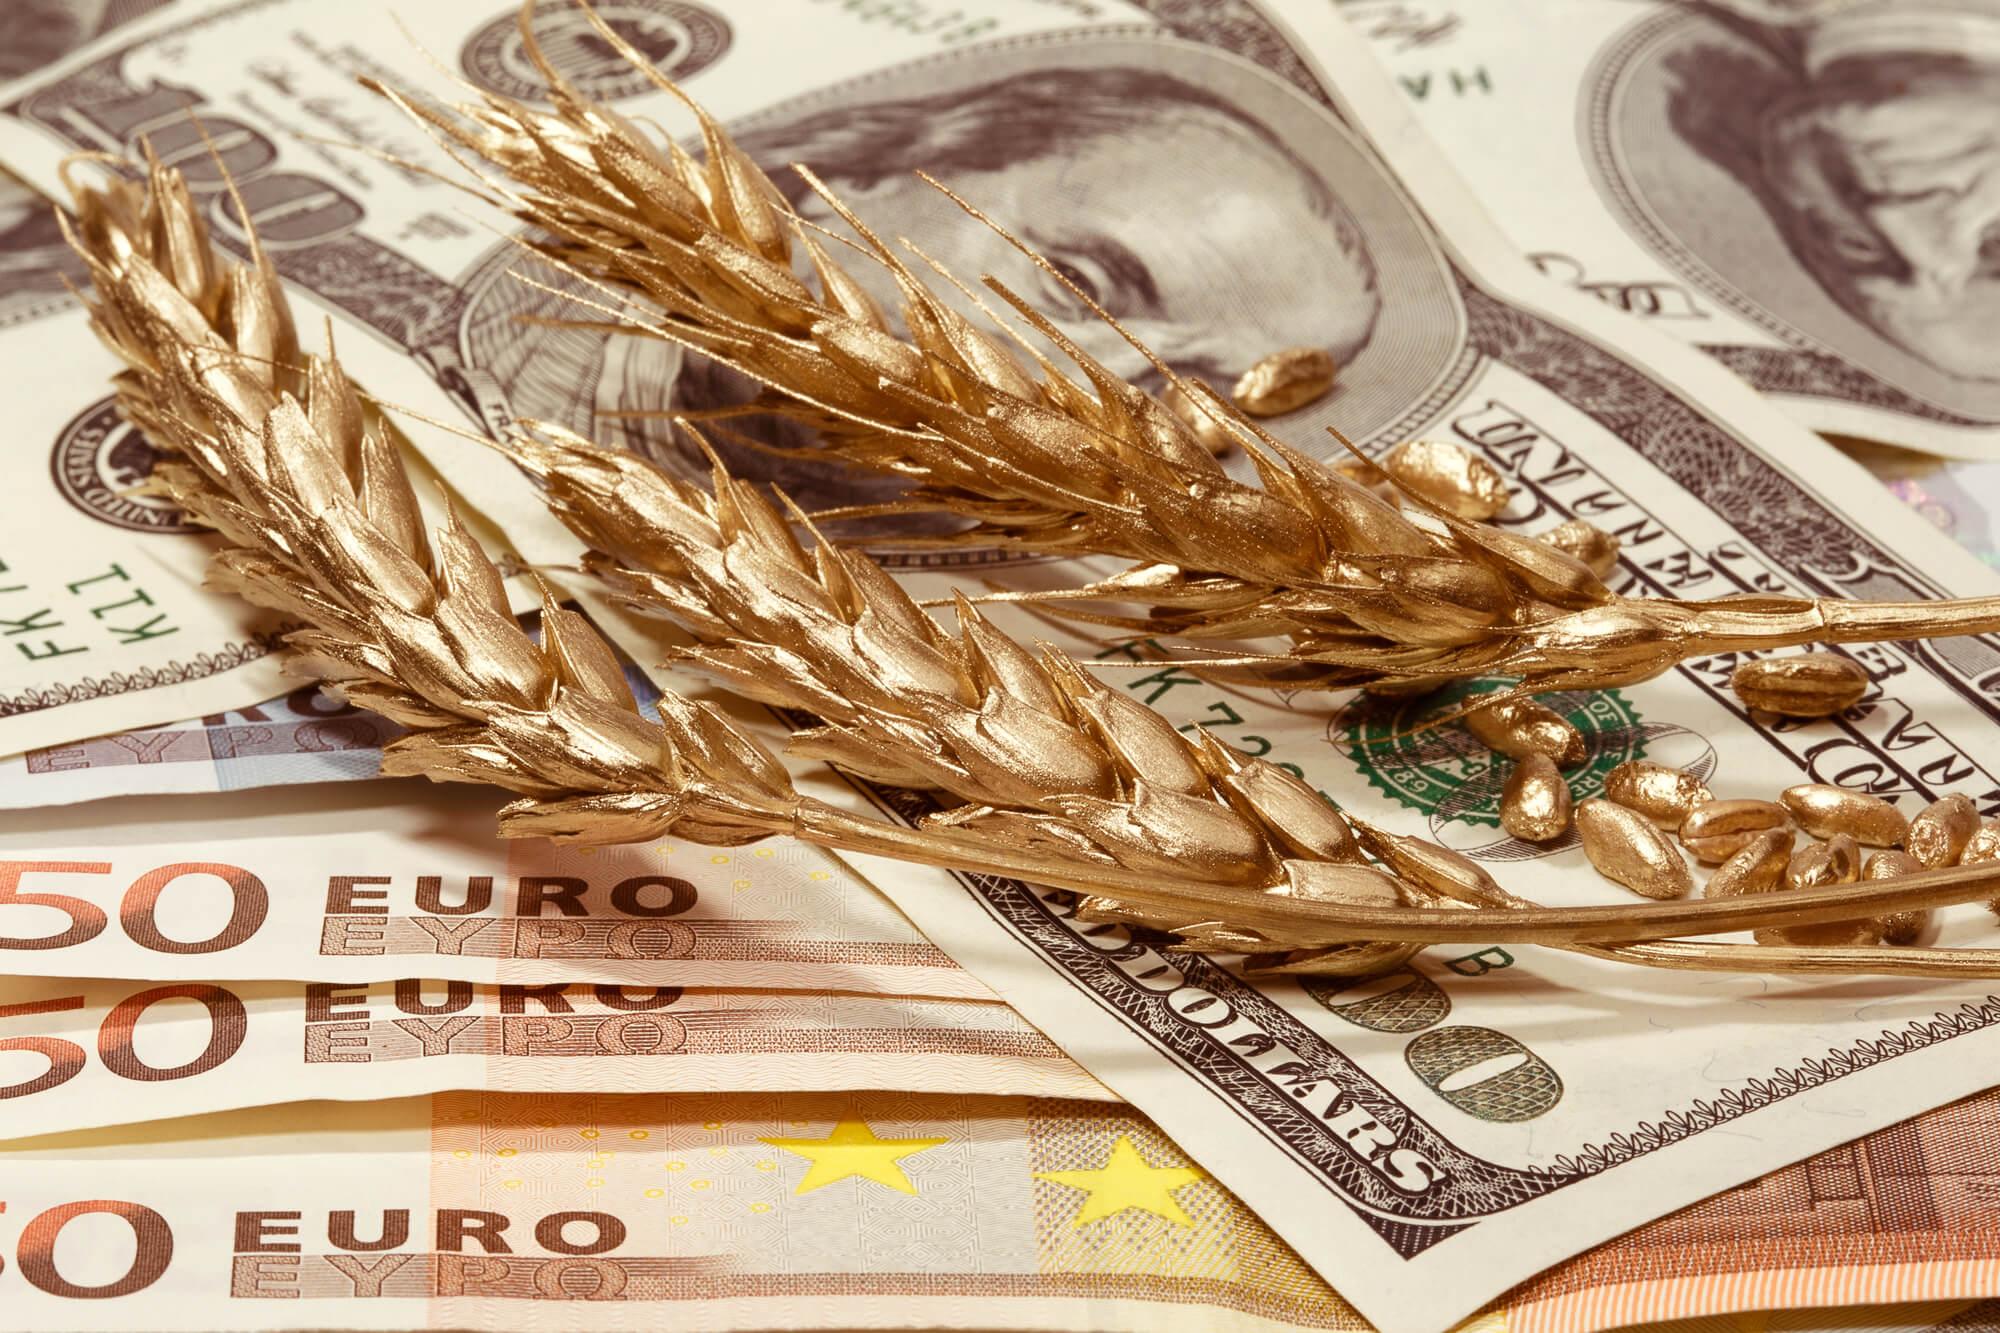 при доллар и золото картинка самых редких загадочных